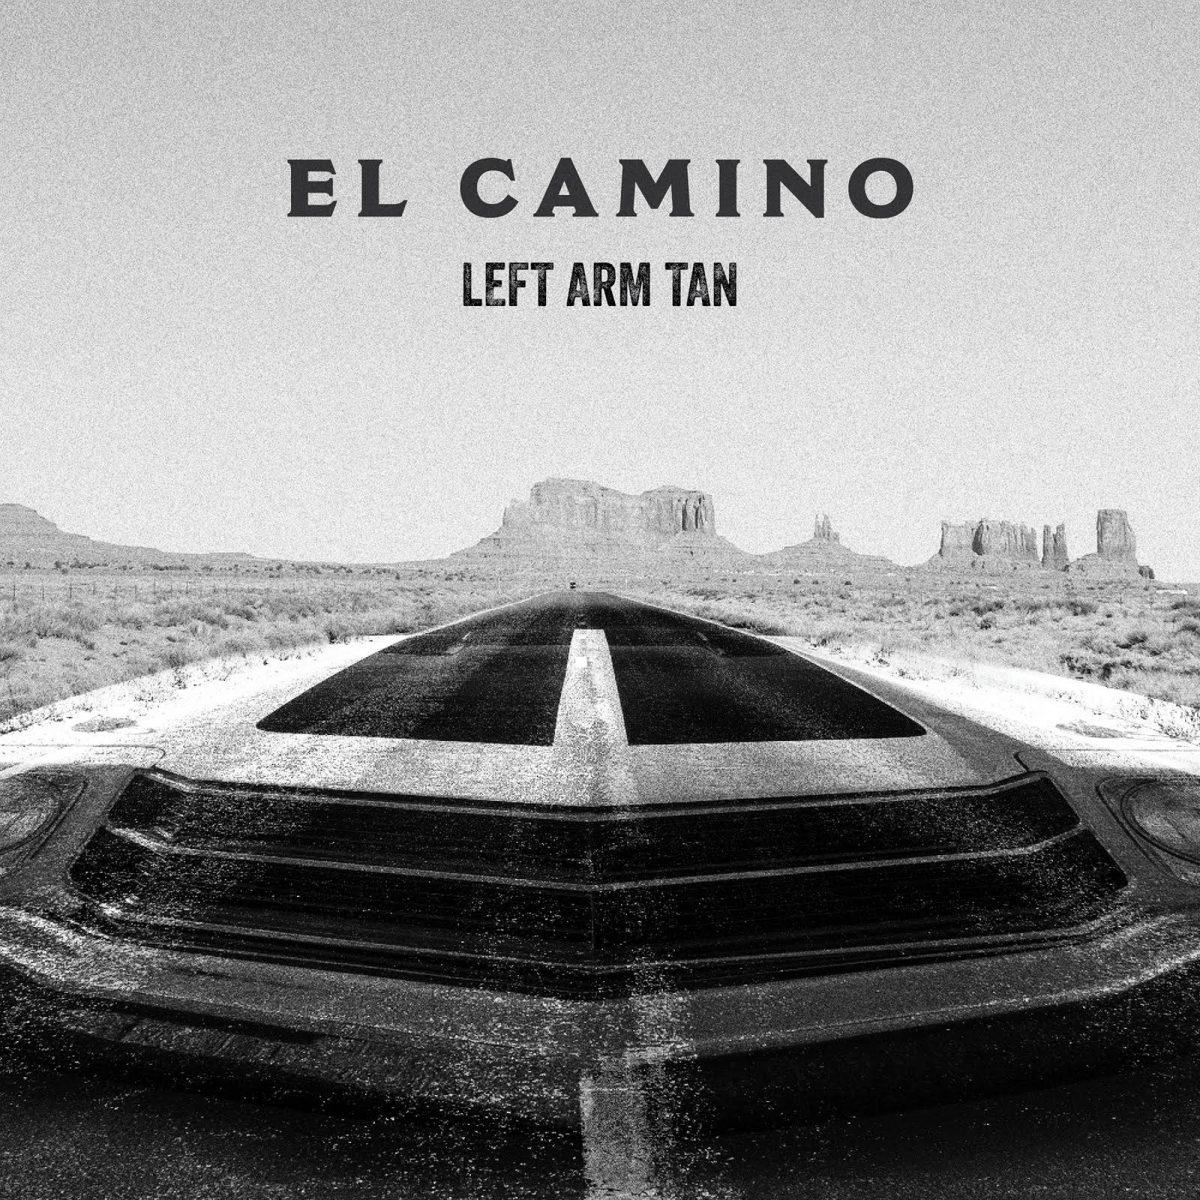 Left Arm Tan Interview